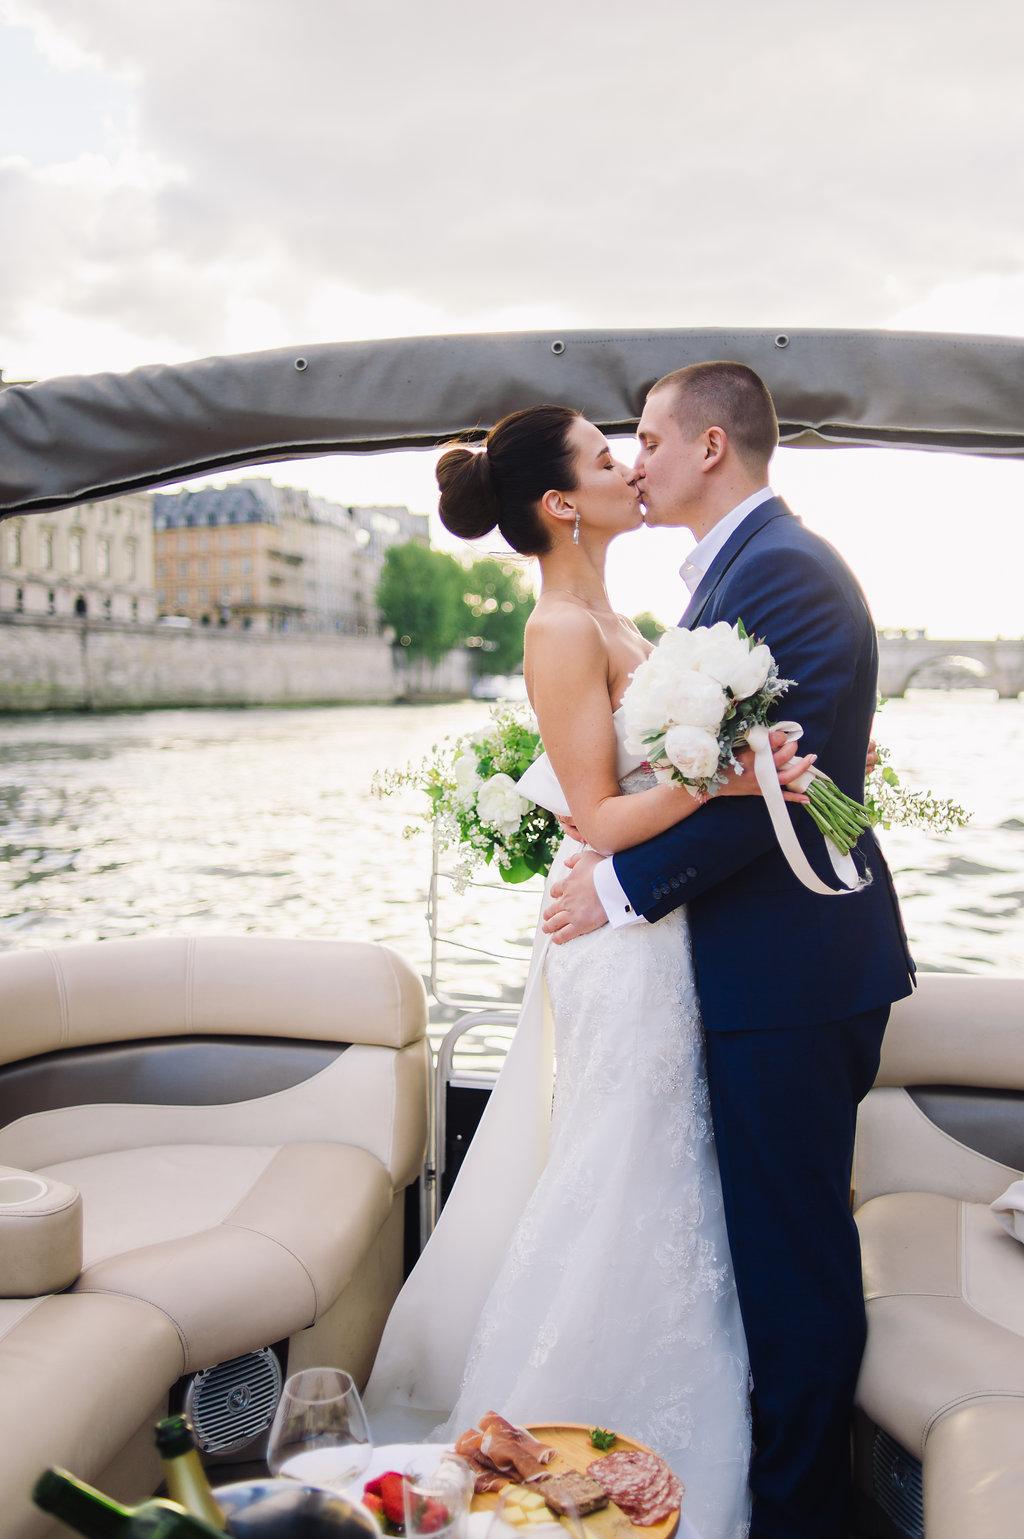 Романтическая прогулка по Сене на частном катере